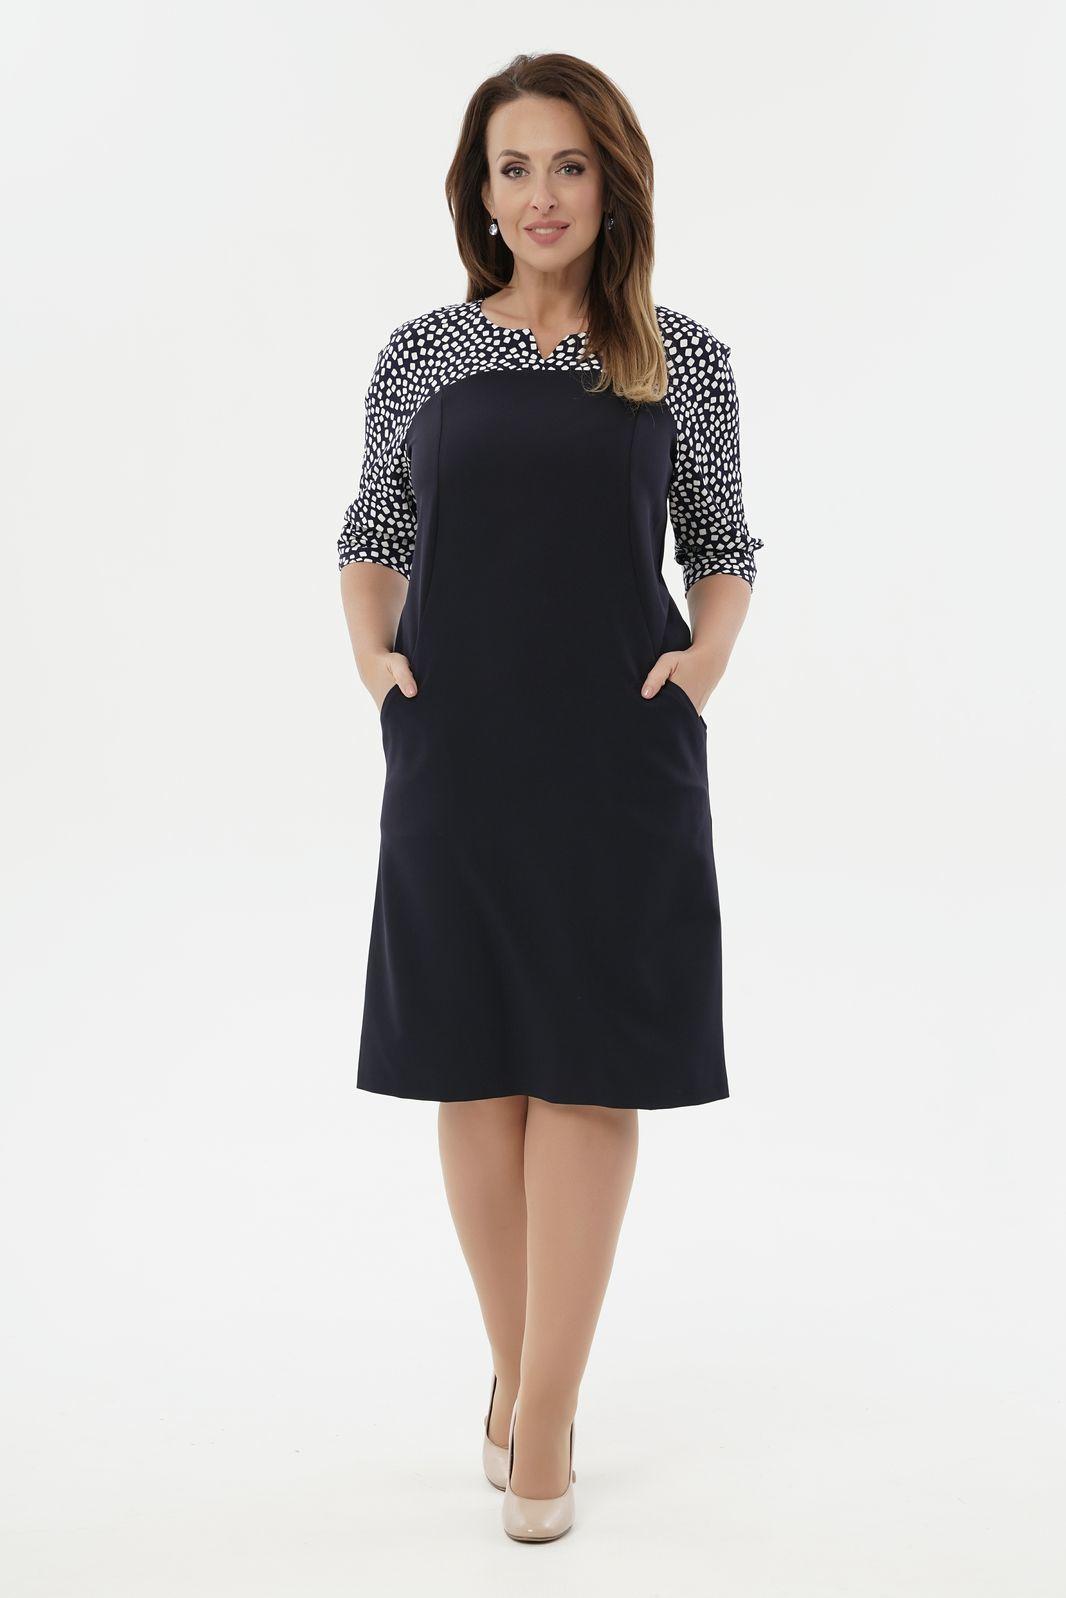 Платья Платье комбинированное 2-146-2 56 2-146-2_siny_abstrakcia_1.jpg